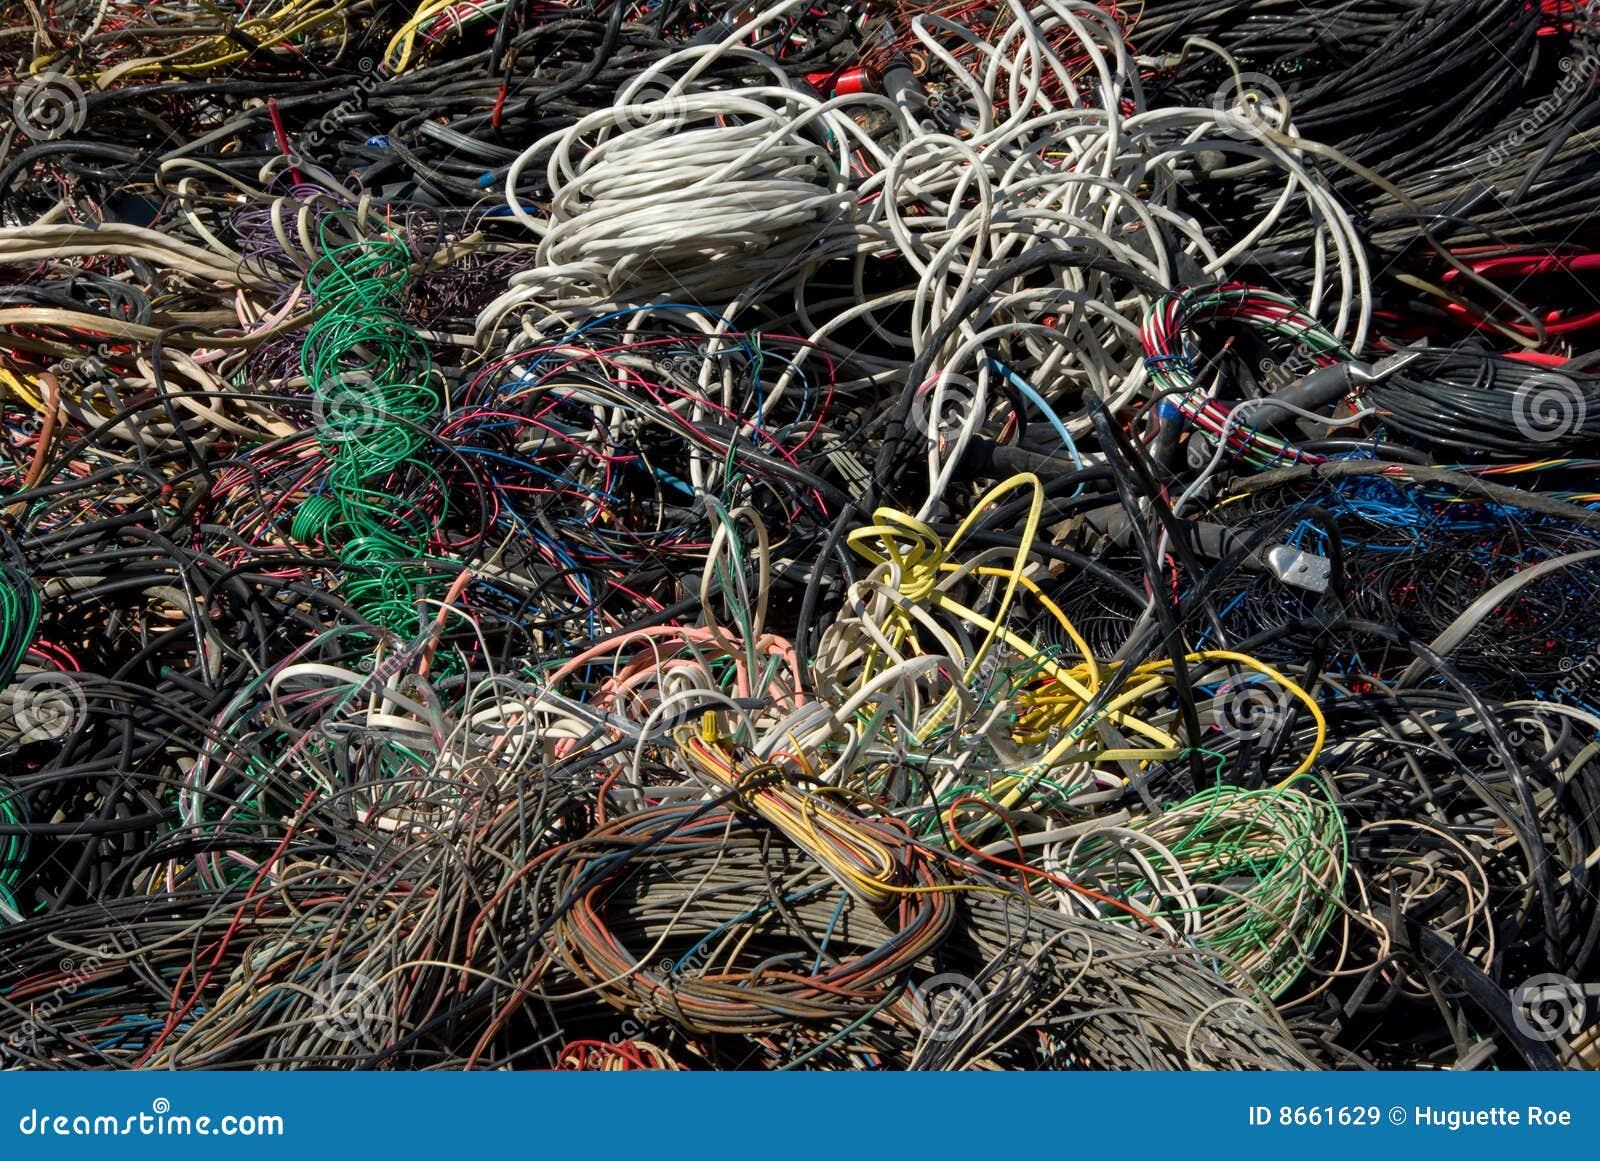 Réutilisation de beaucoup de câbles